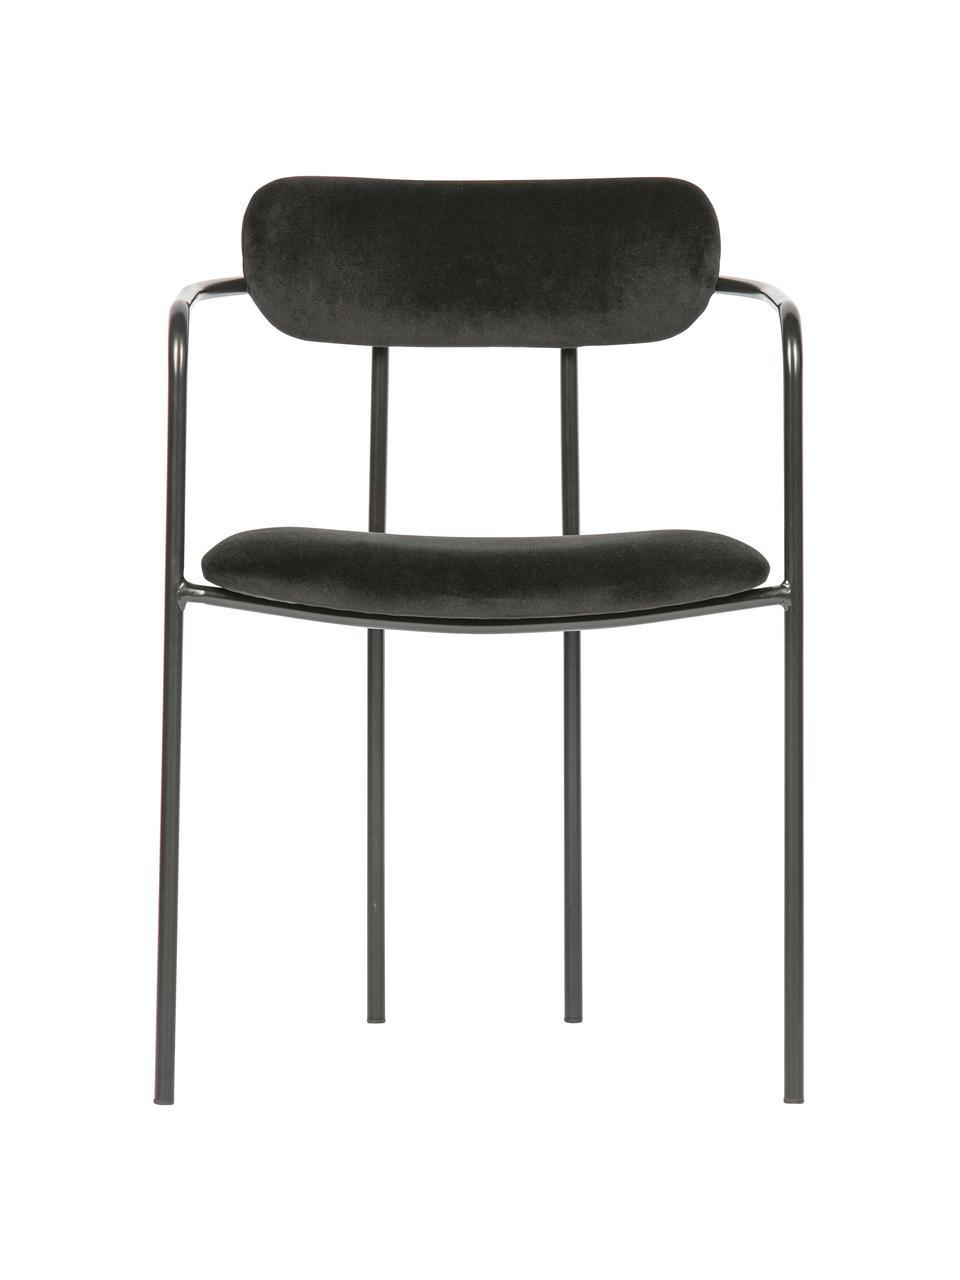 Krzesło z podłokietnikami z aksamitu z metalowym stelażem Ivy, Tapicerka: 100% aksamit poliestrowy , Stelaż: metal powlekany, Czarny, S 52 x G 50 cm